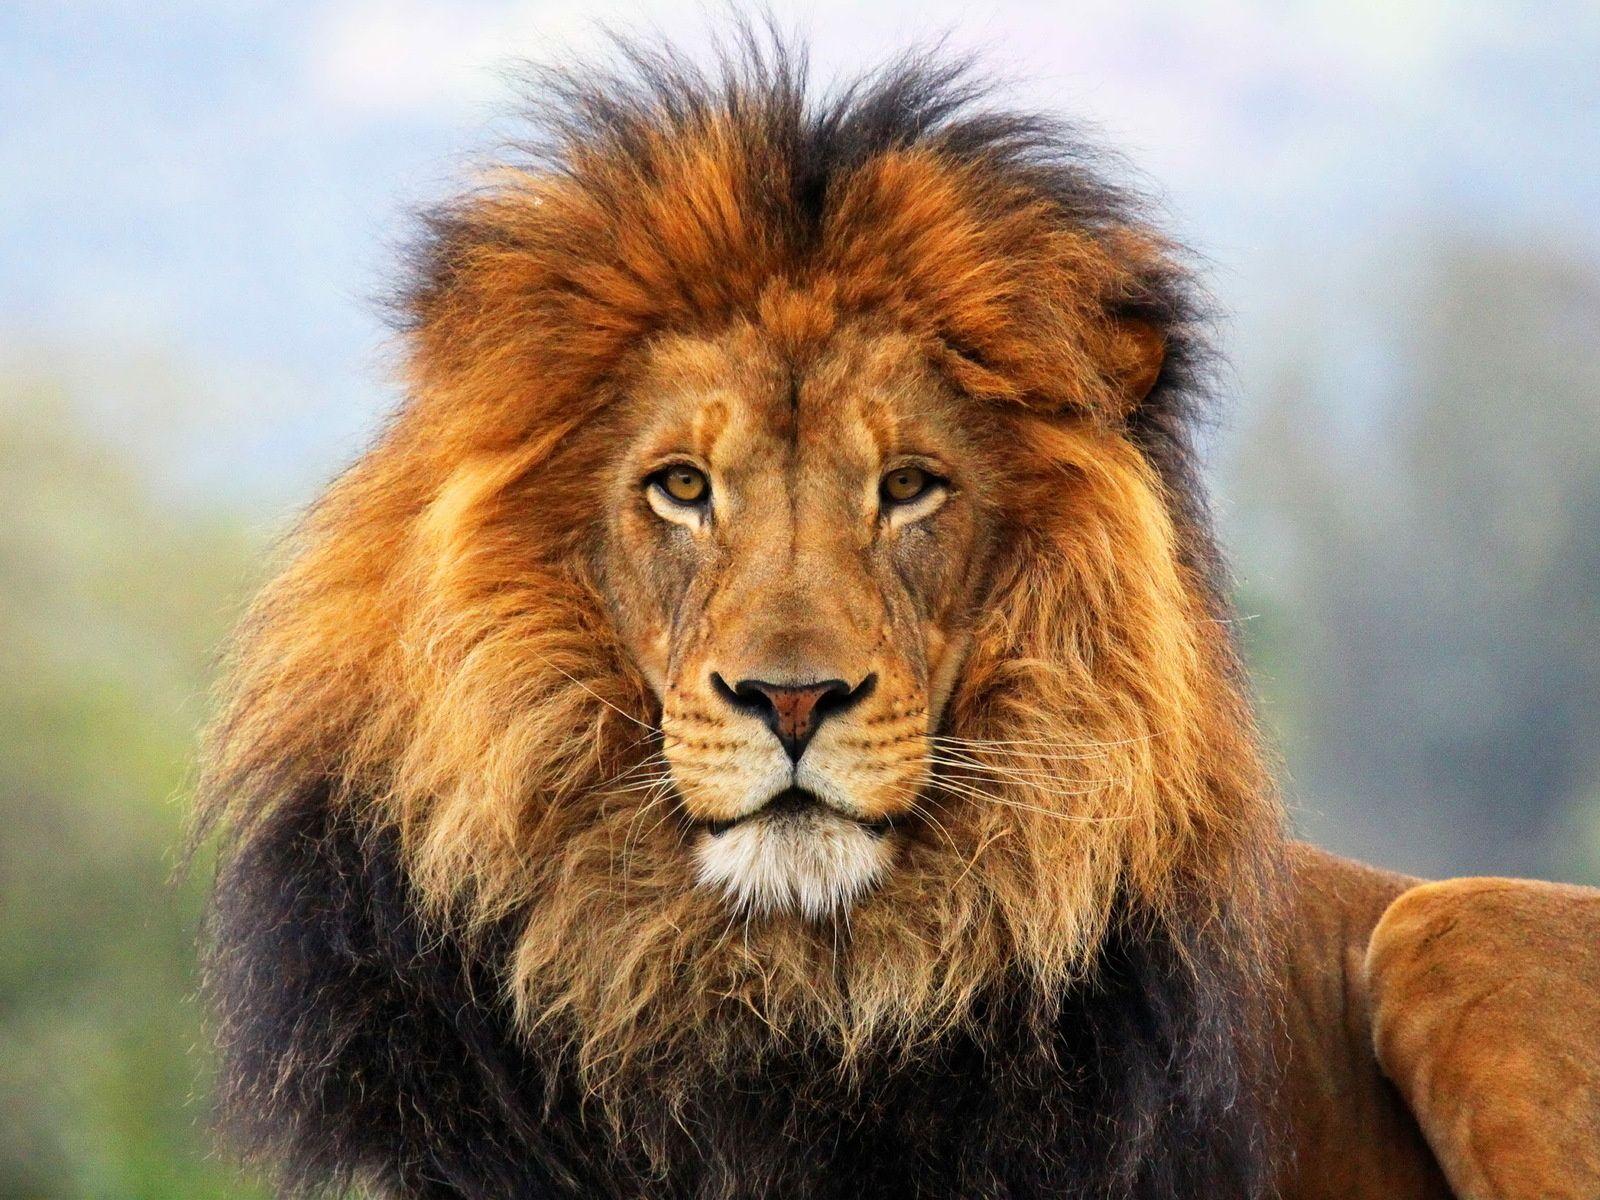 Lion Wallpaper Lion Images Lion Pictures Lion Art